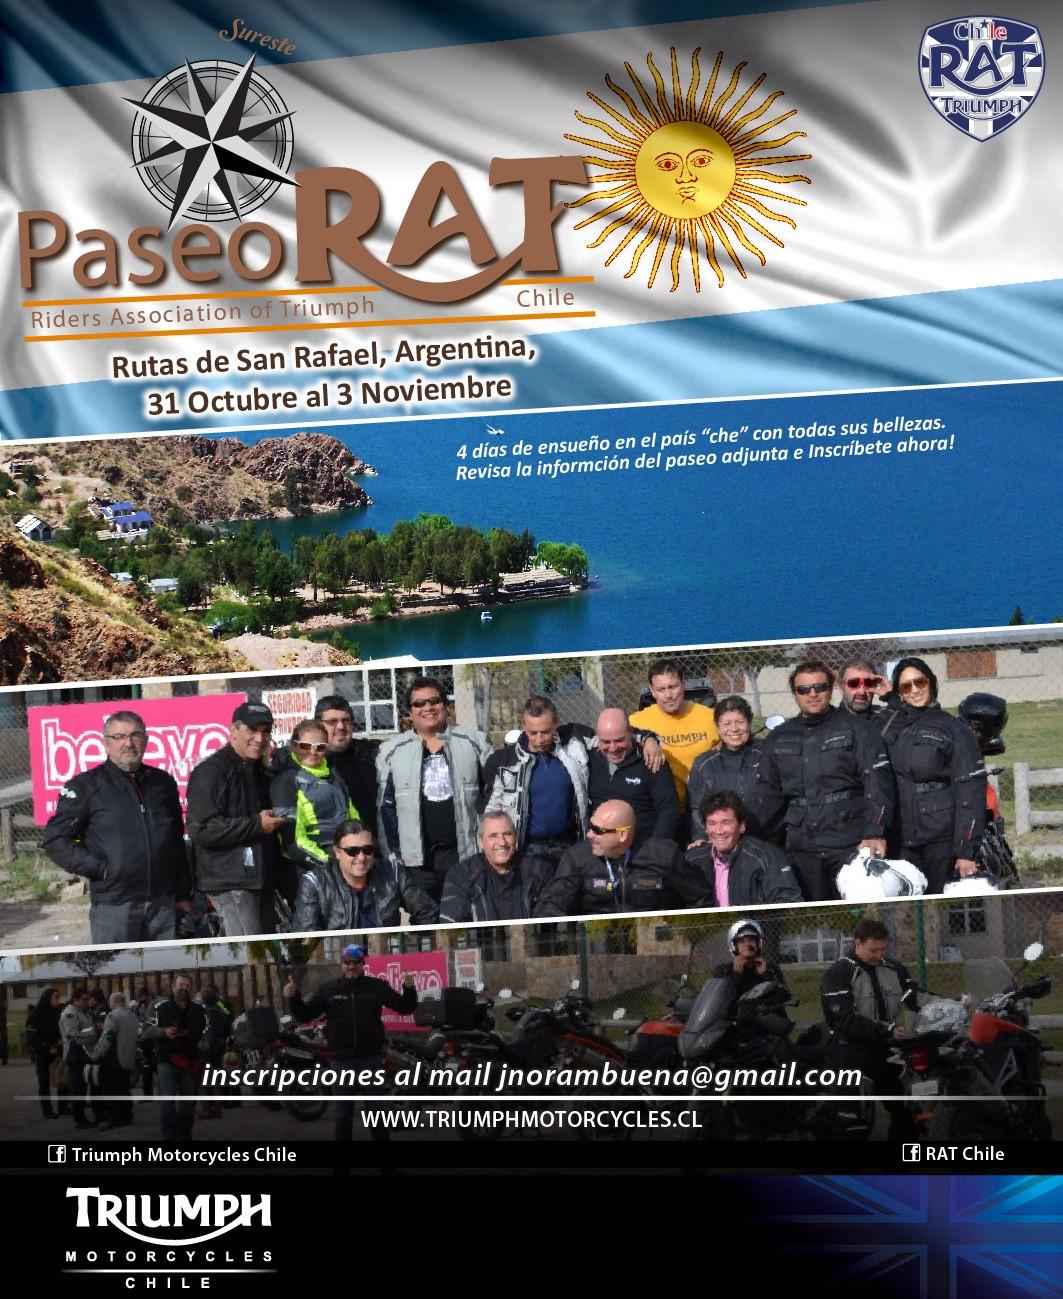 Paseo RAT Rutas de San Rafael - Argentina - 31 Octubre al 3 de Noviembre